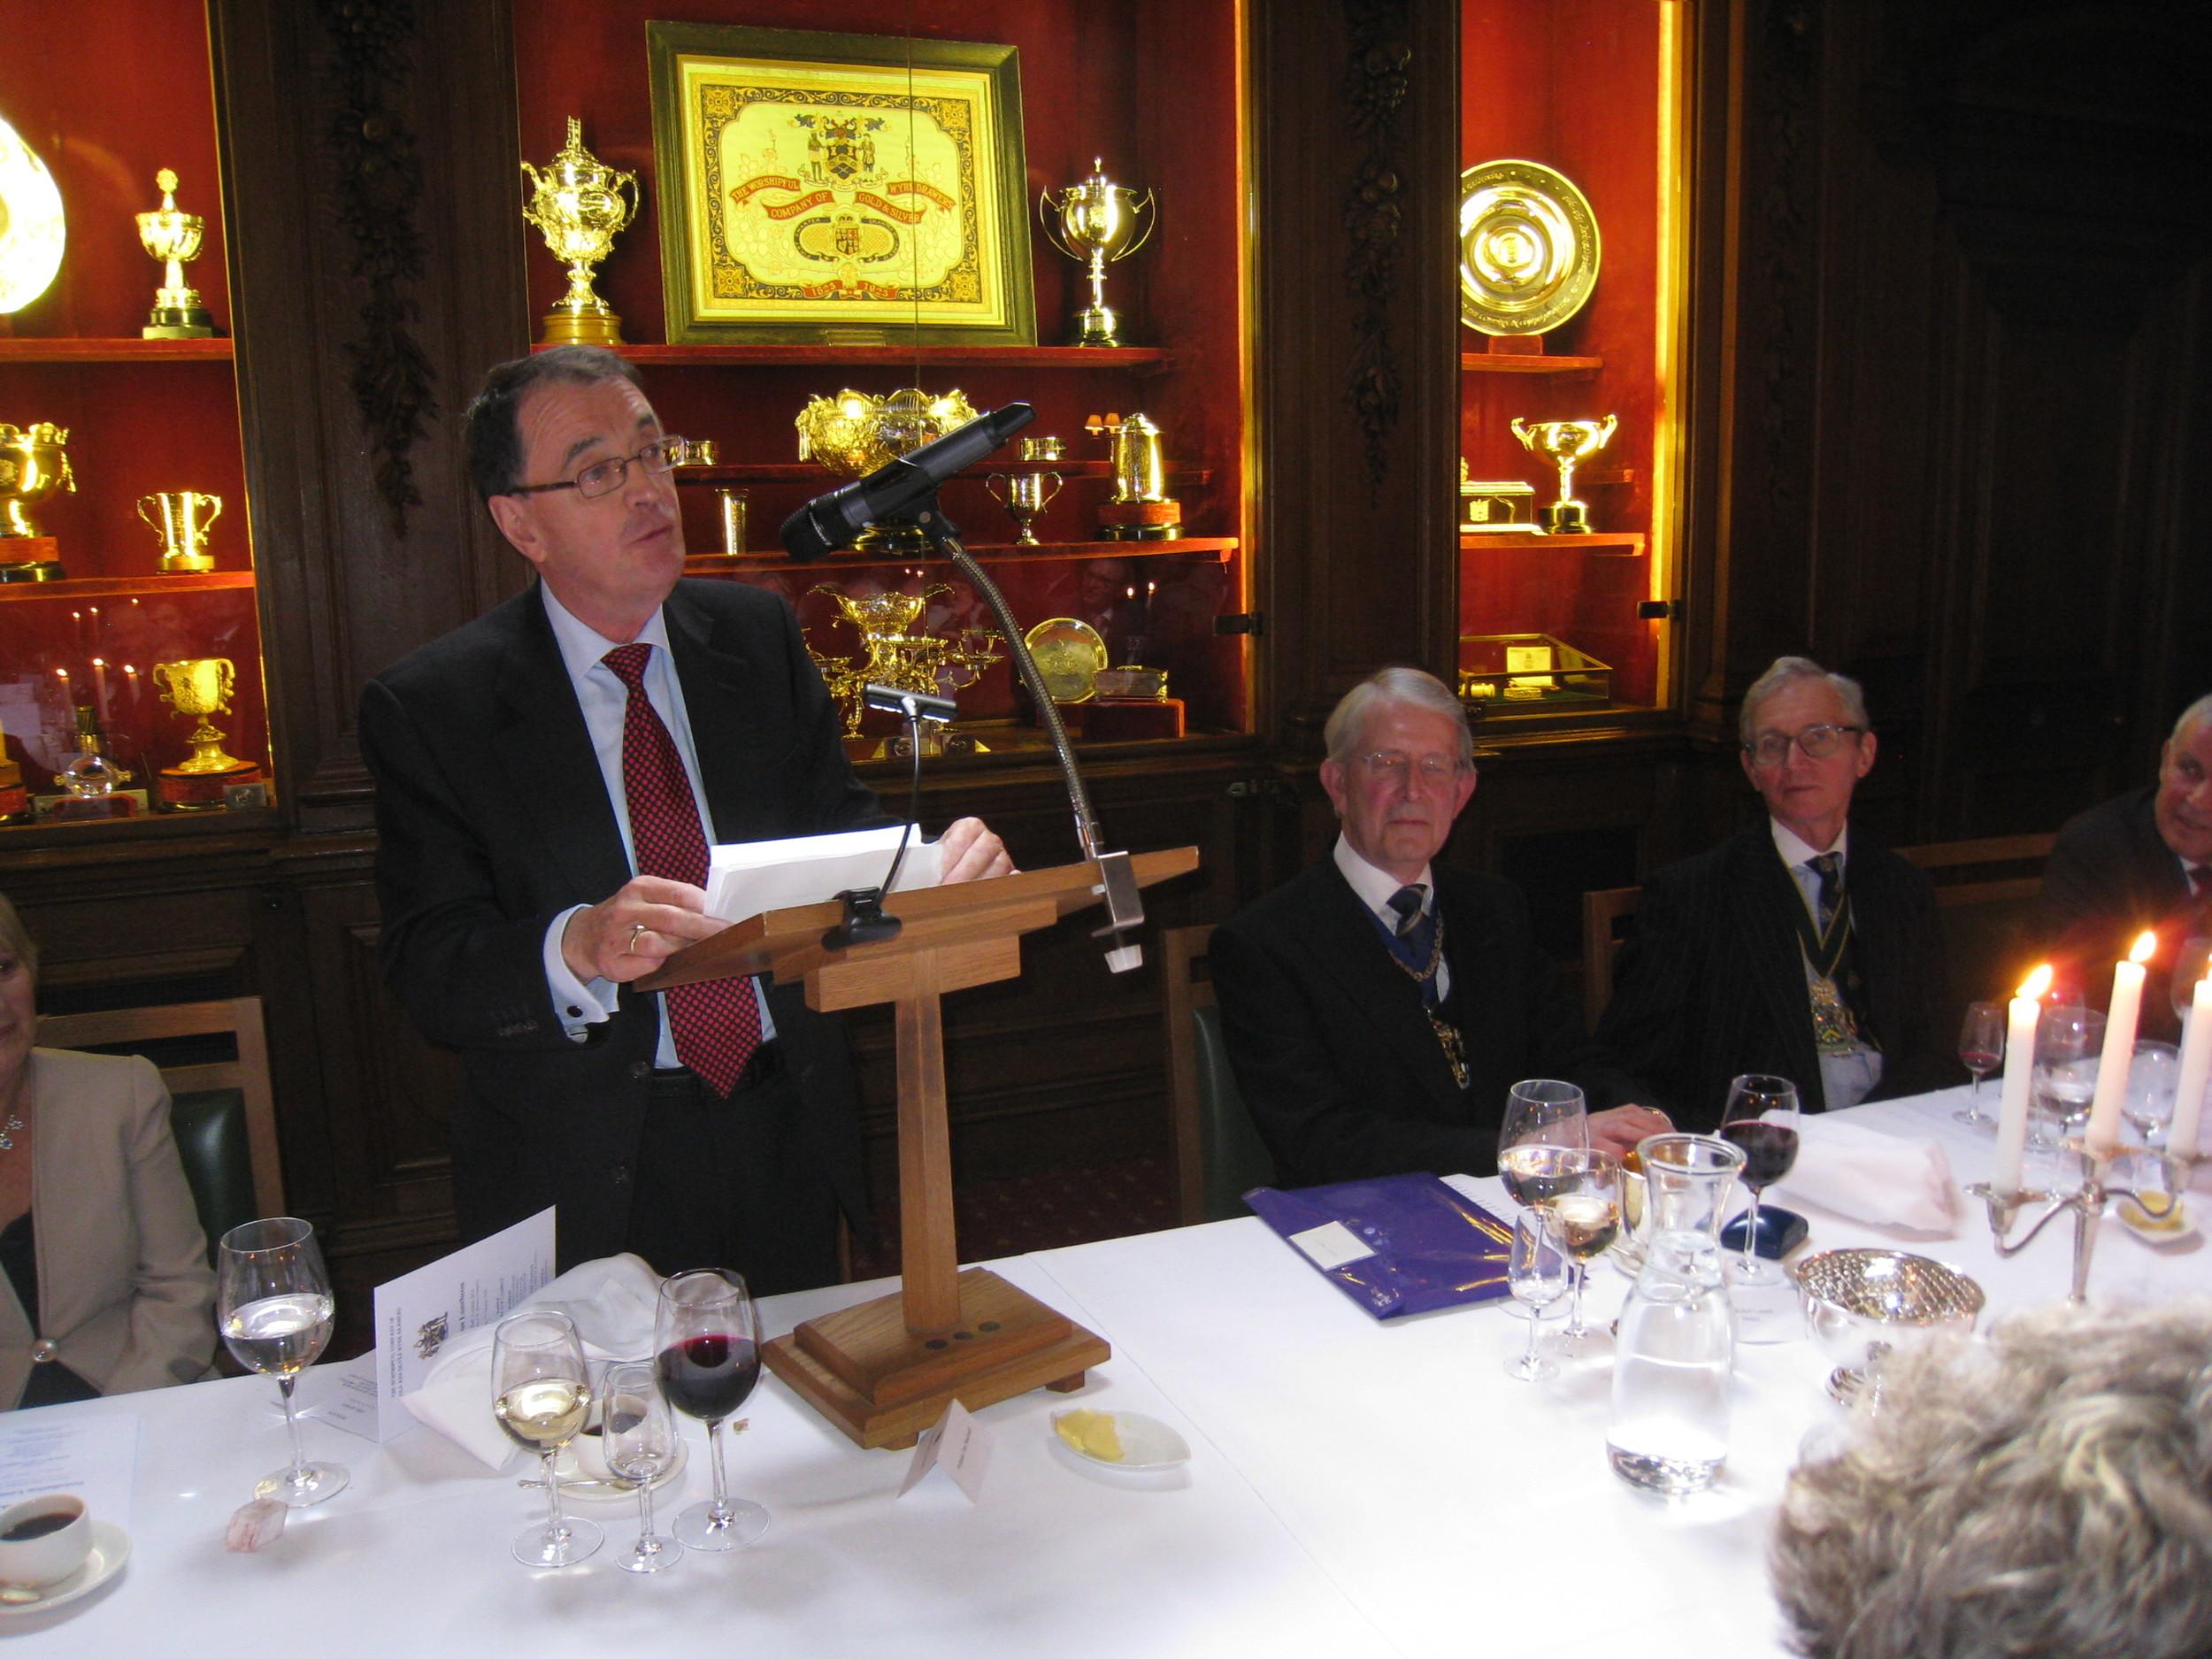 Guest Speaker - Professor Tony Stockwell